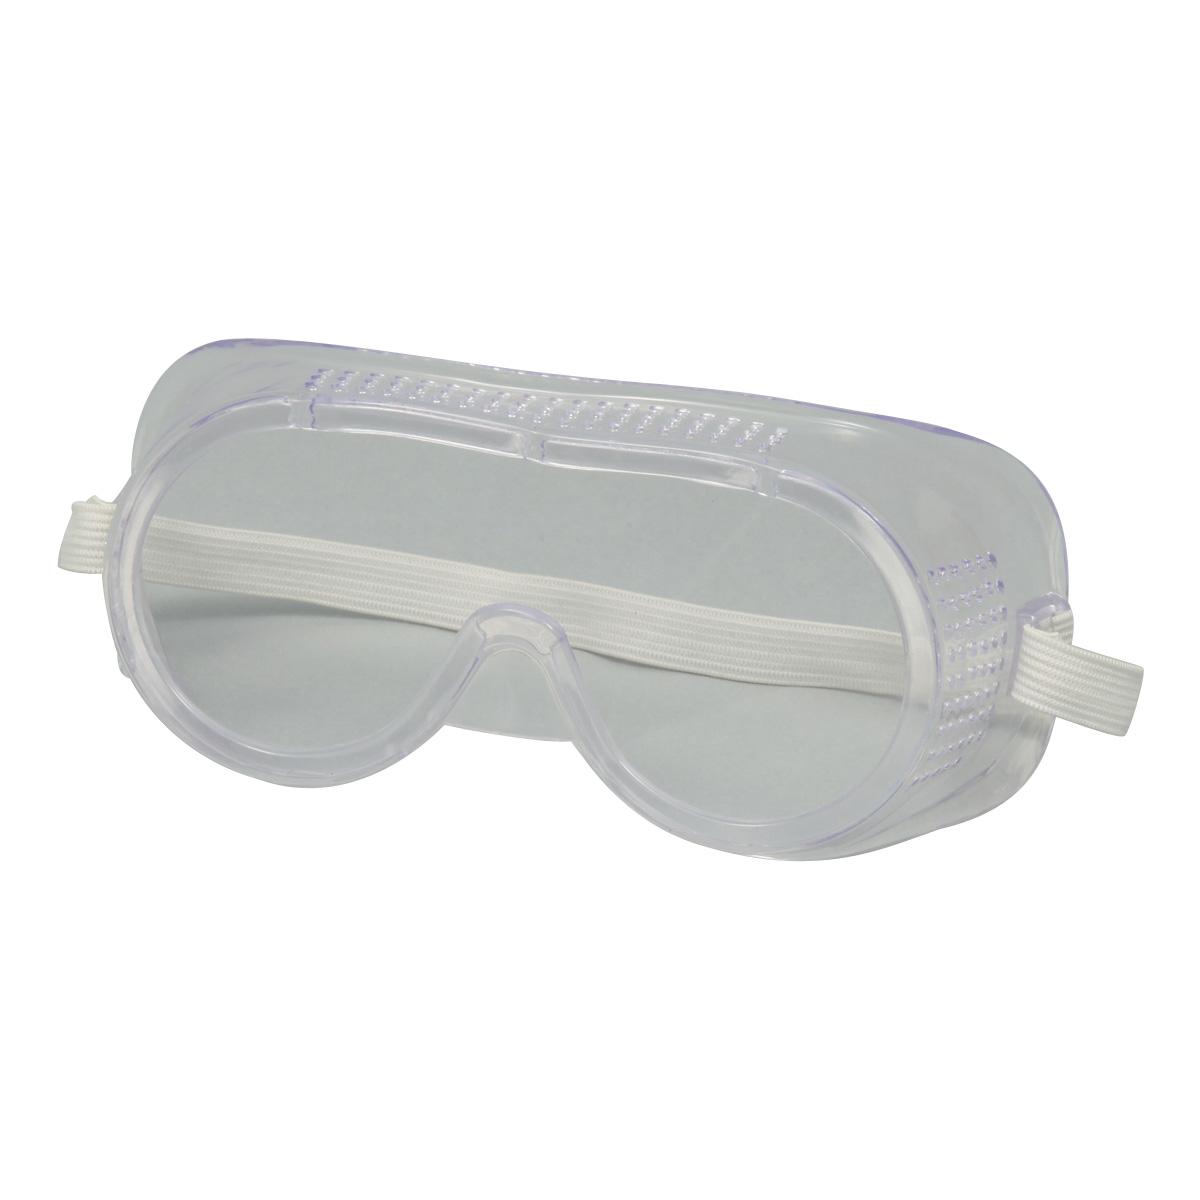 定形外可 実験の安全対策に 理科 教材 花粉 ゴーグル ウィルス対策 保護 再再販 めがね 眼鏡の上から 児童用 子供用 こども 黄砂 メガネの上 予防 眼鏡 保護メガネ 安全 感染 ウィルス対策用 一眼型 ウイルス 実験 70%OFFアウトレット 飛沫 対策